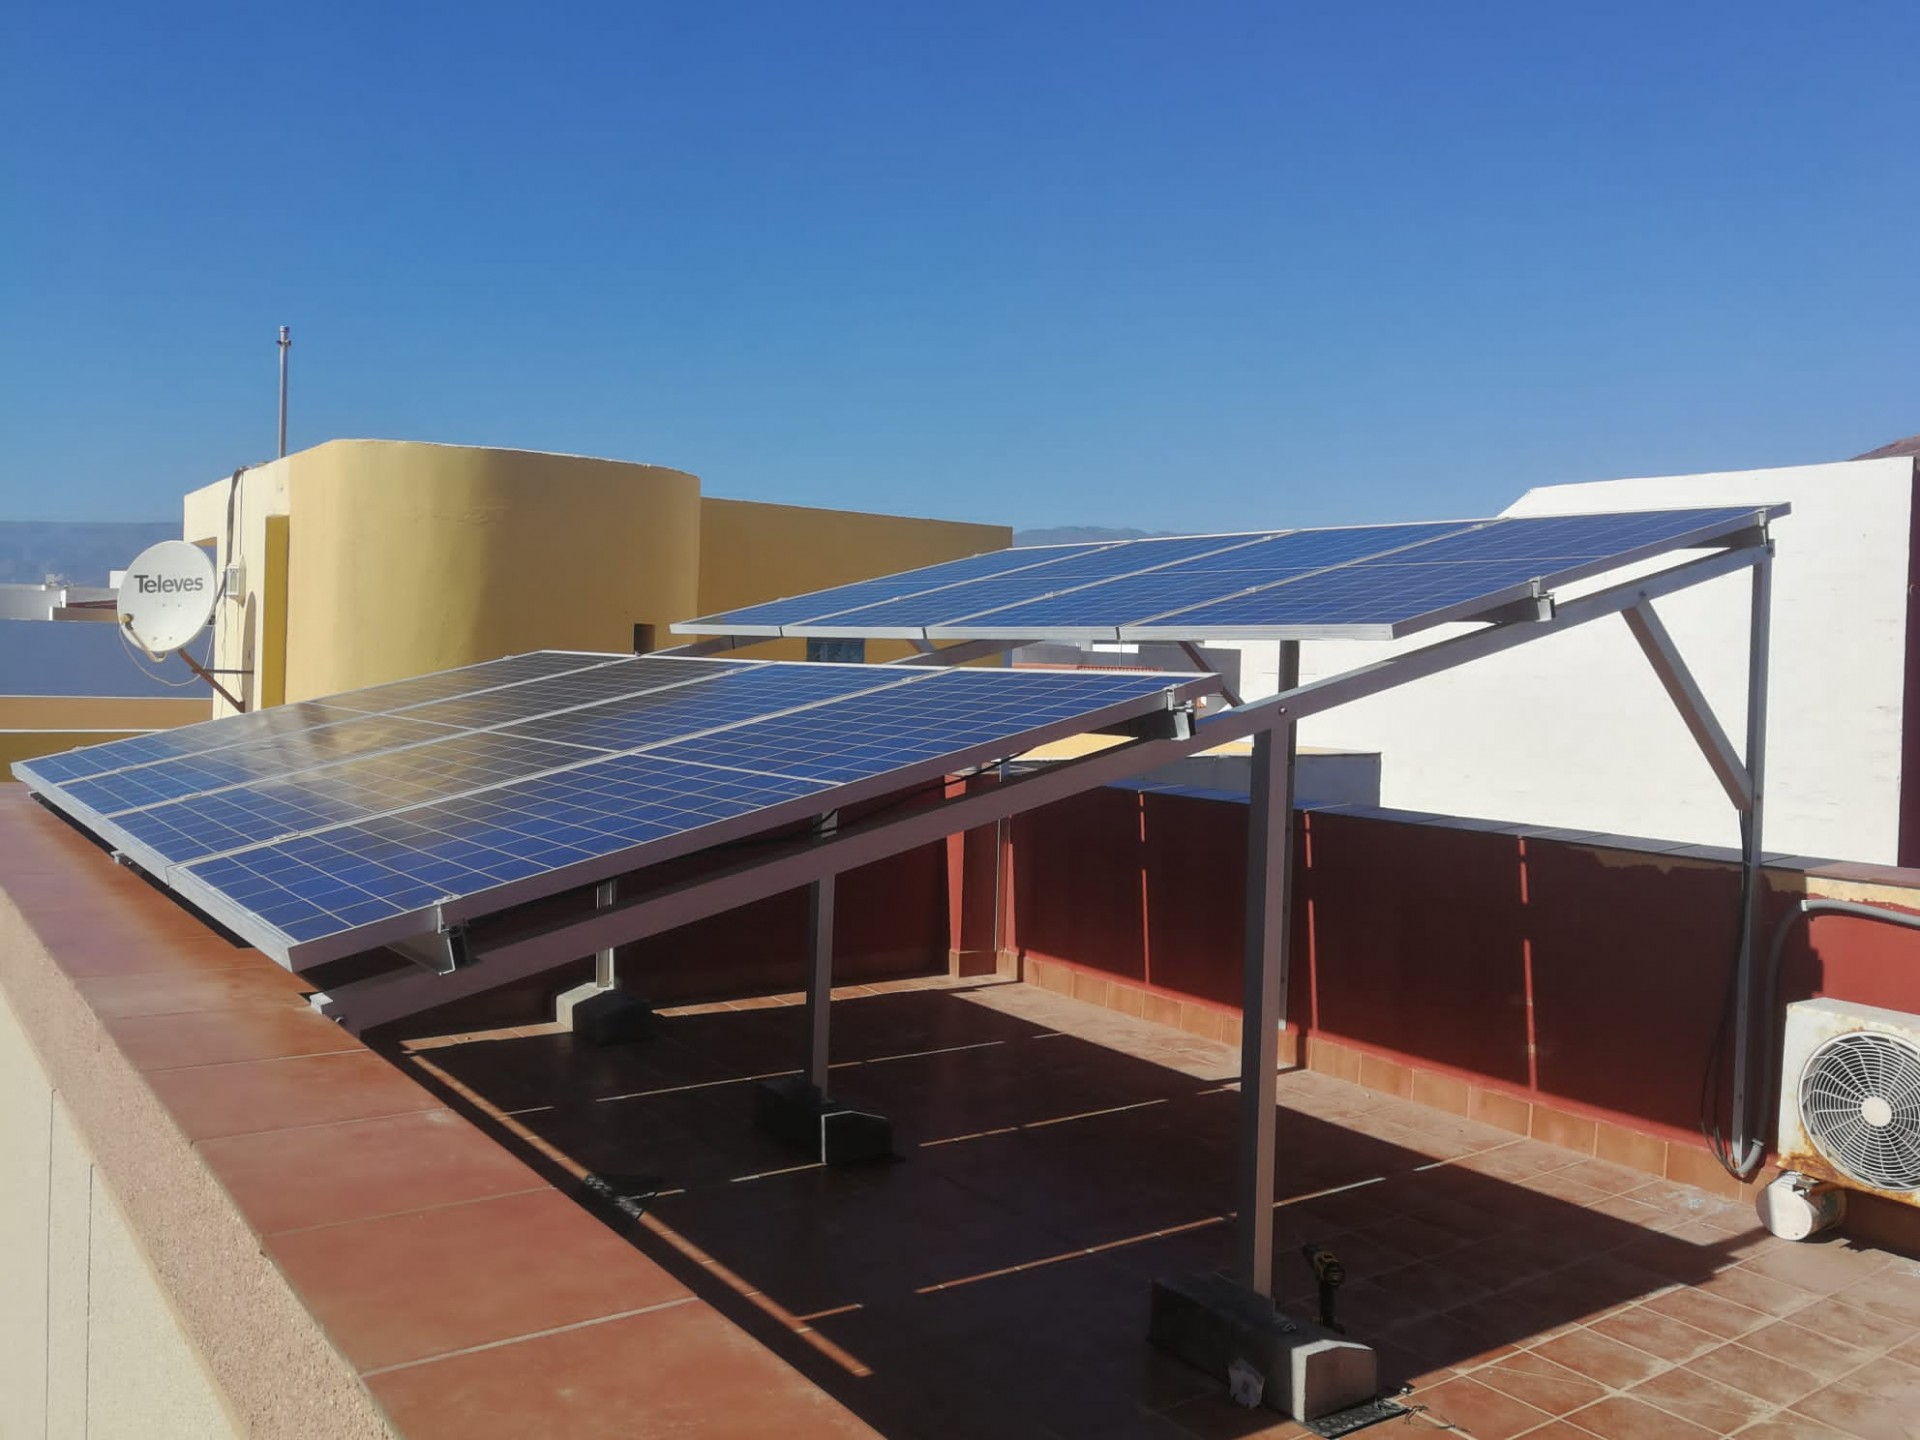 Instalación fotovoltaica ampliación - Arinaga